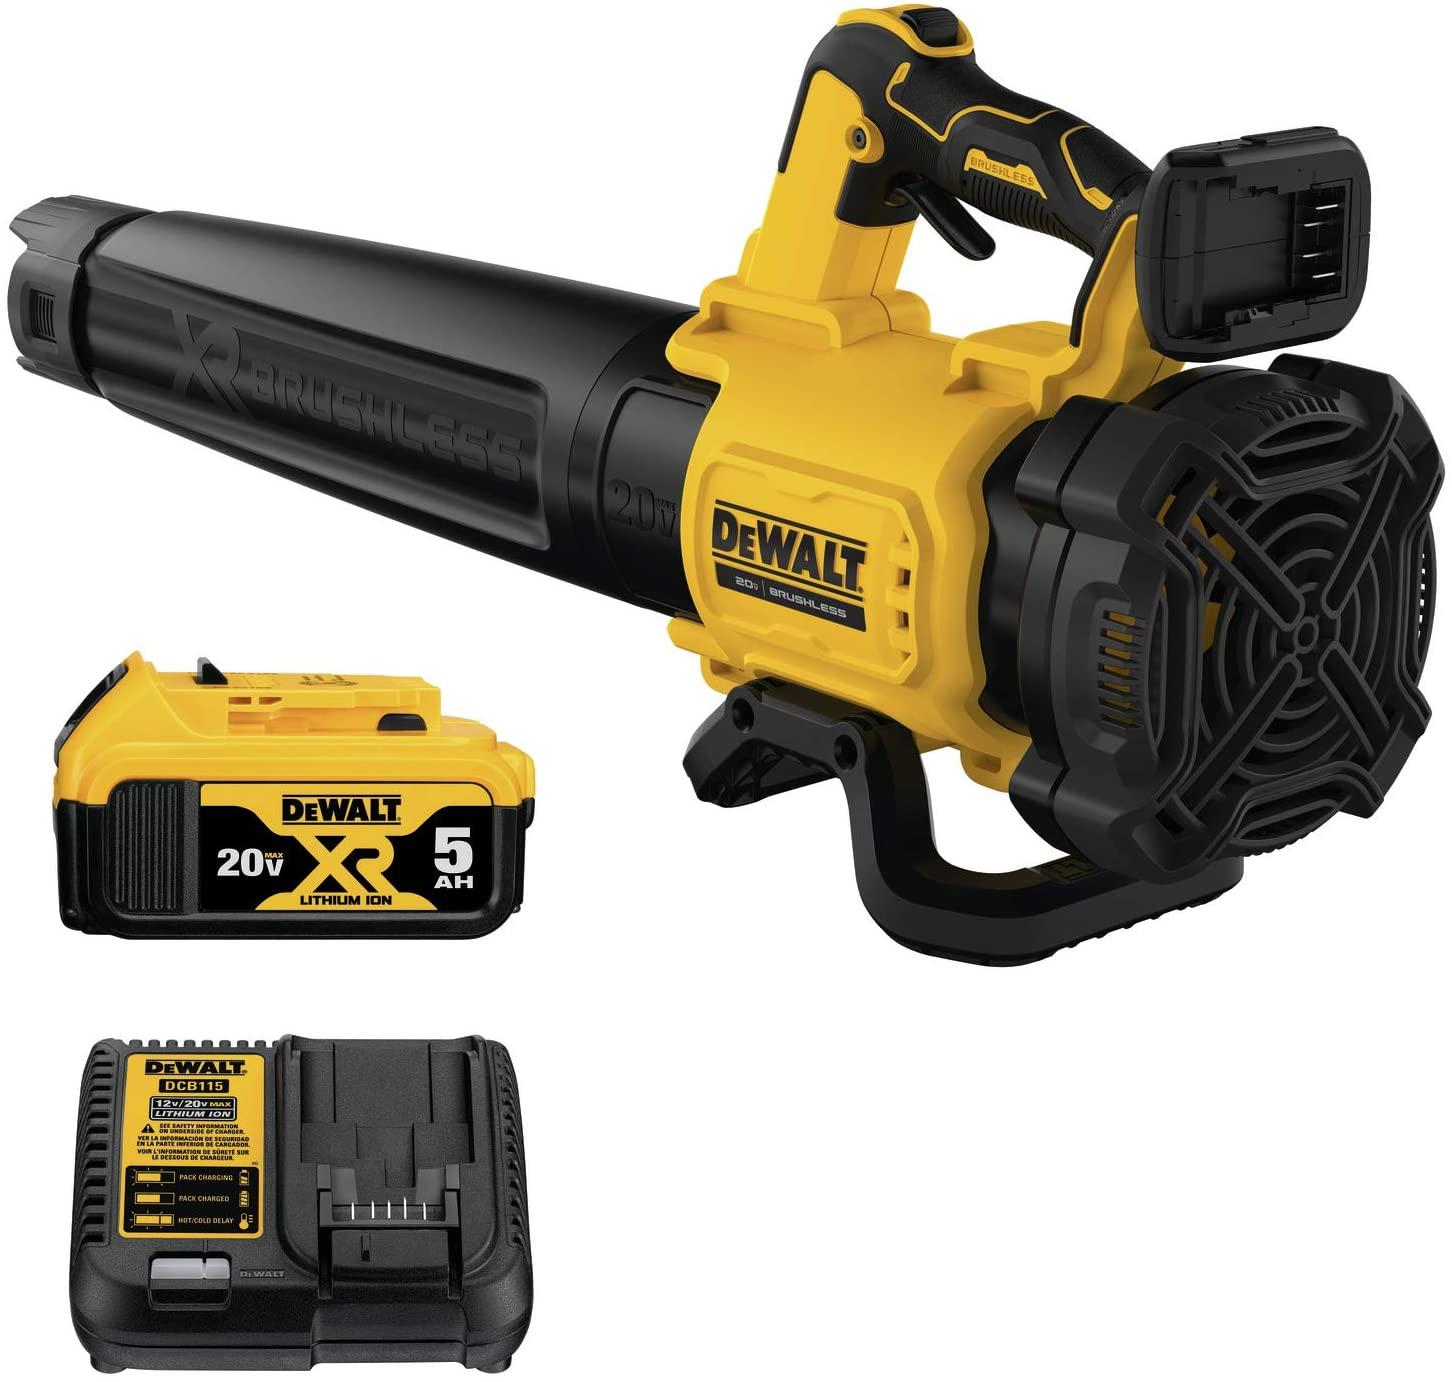 DEWALT DCBL722P1 leaf Blower Gen 2 with 5.0 Amp Battery Charger at 166.00$